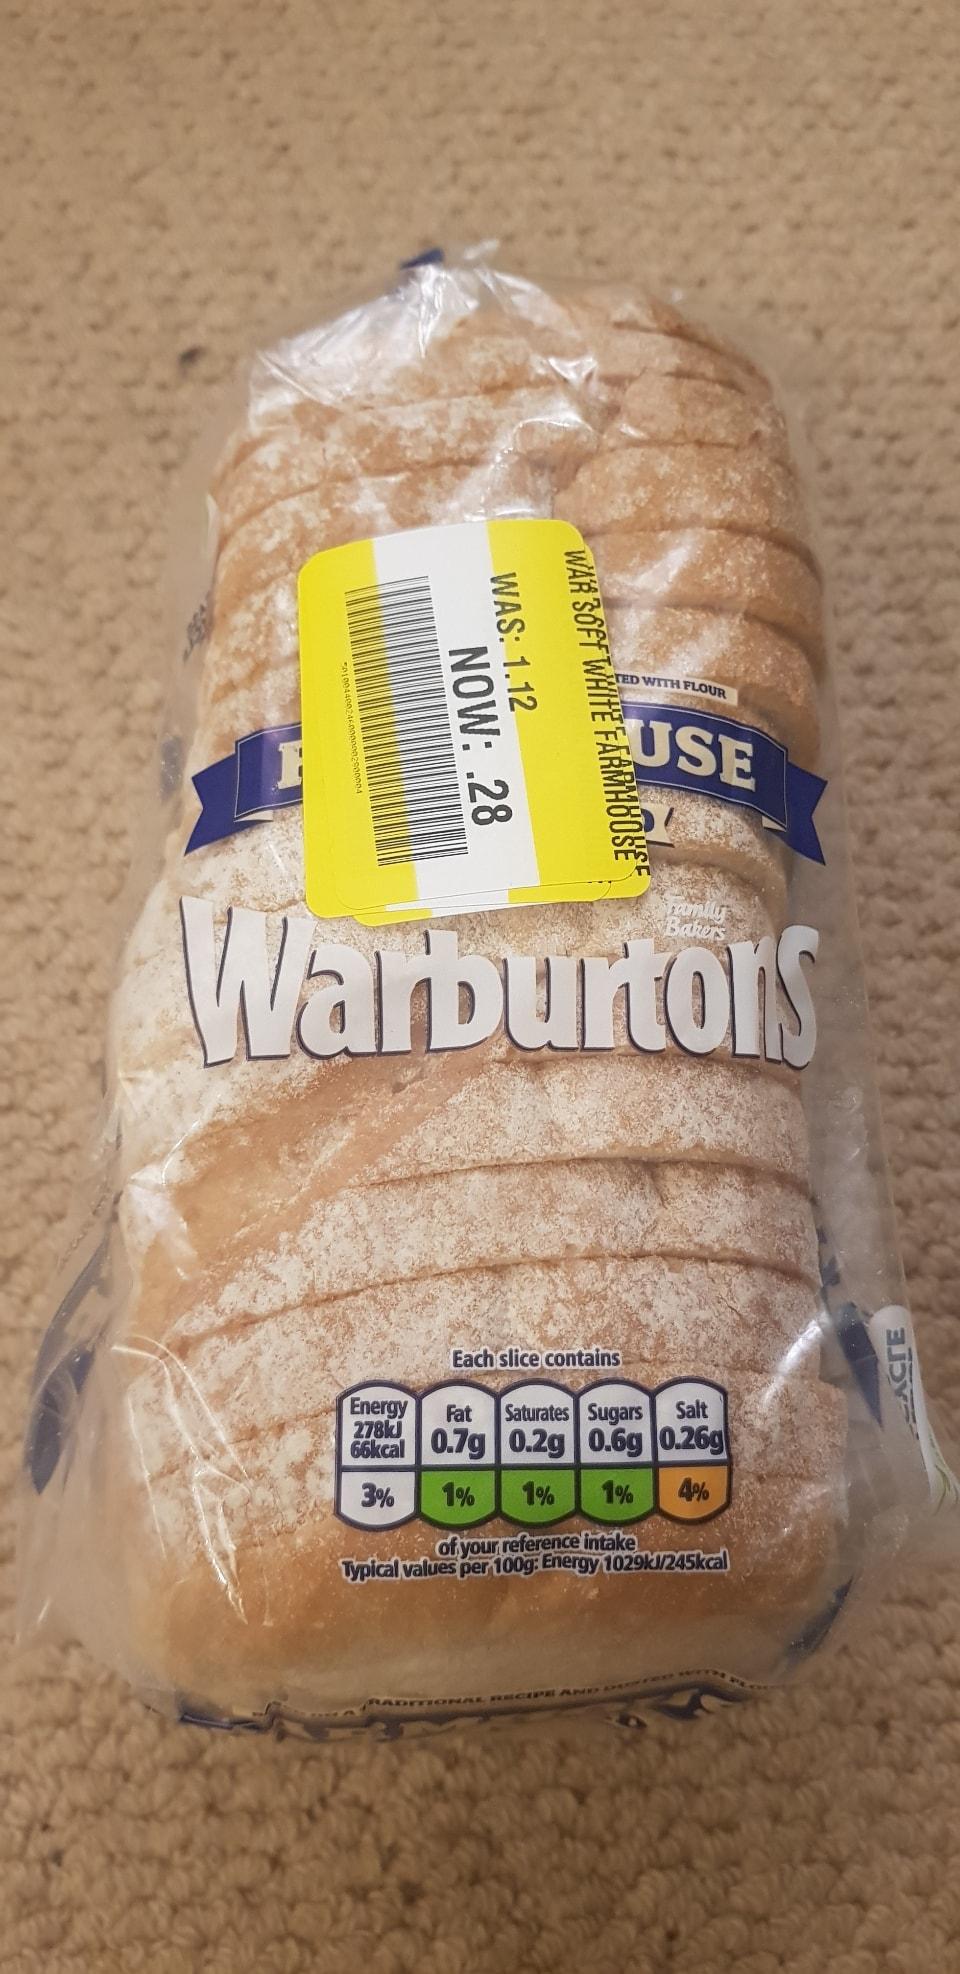 Warburtons Farmhouse Loaf